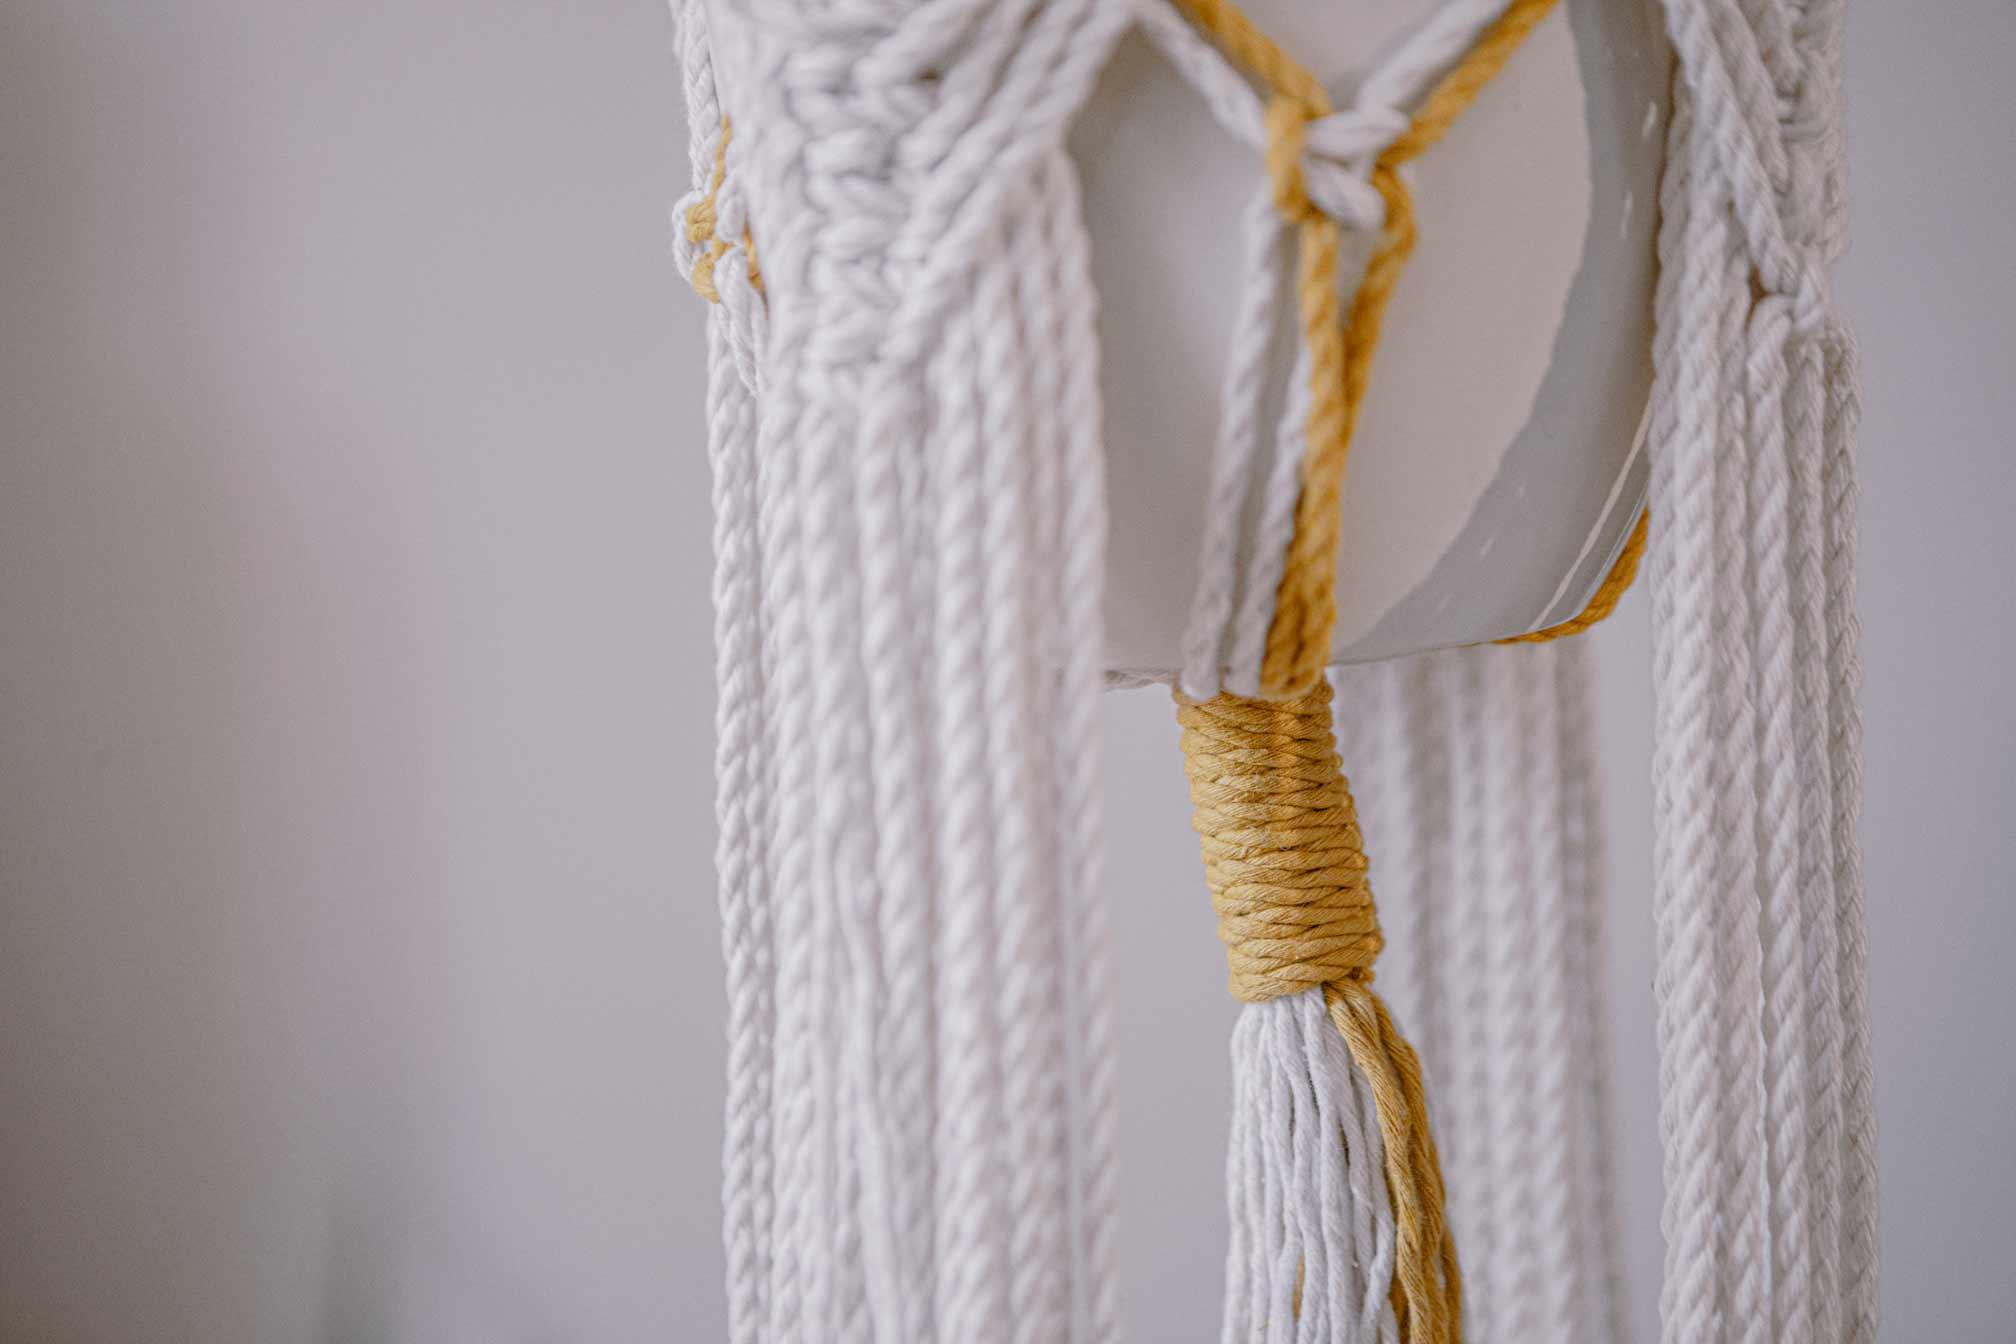 Detalle zona baja de un macetero artesanal de macramé hecho de algodón ecológico en color crudo y mostaza